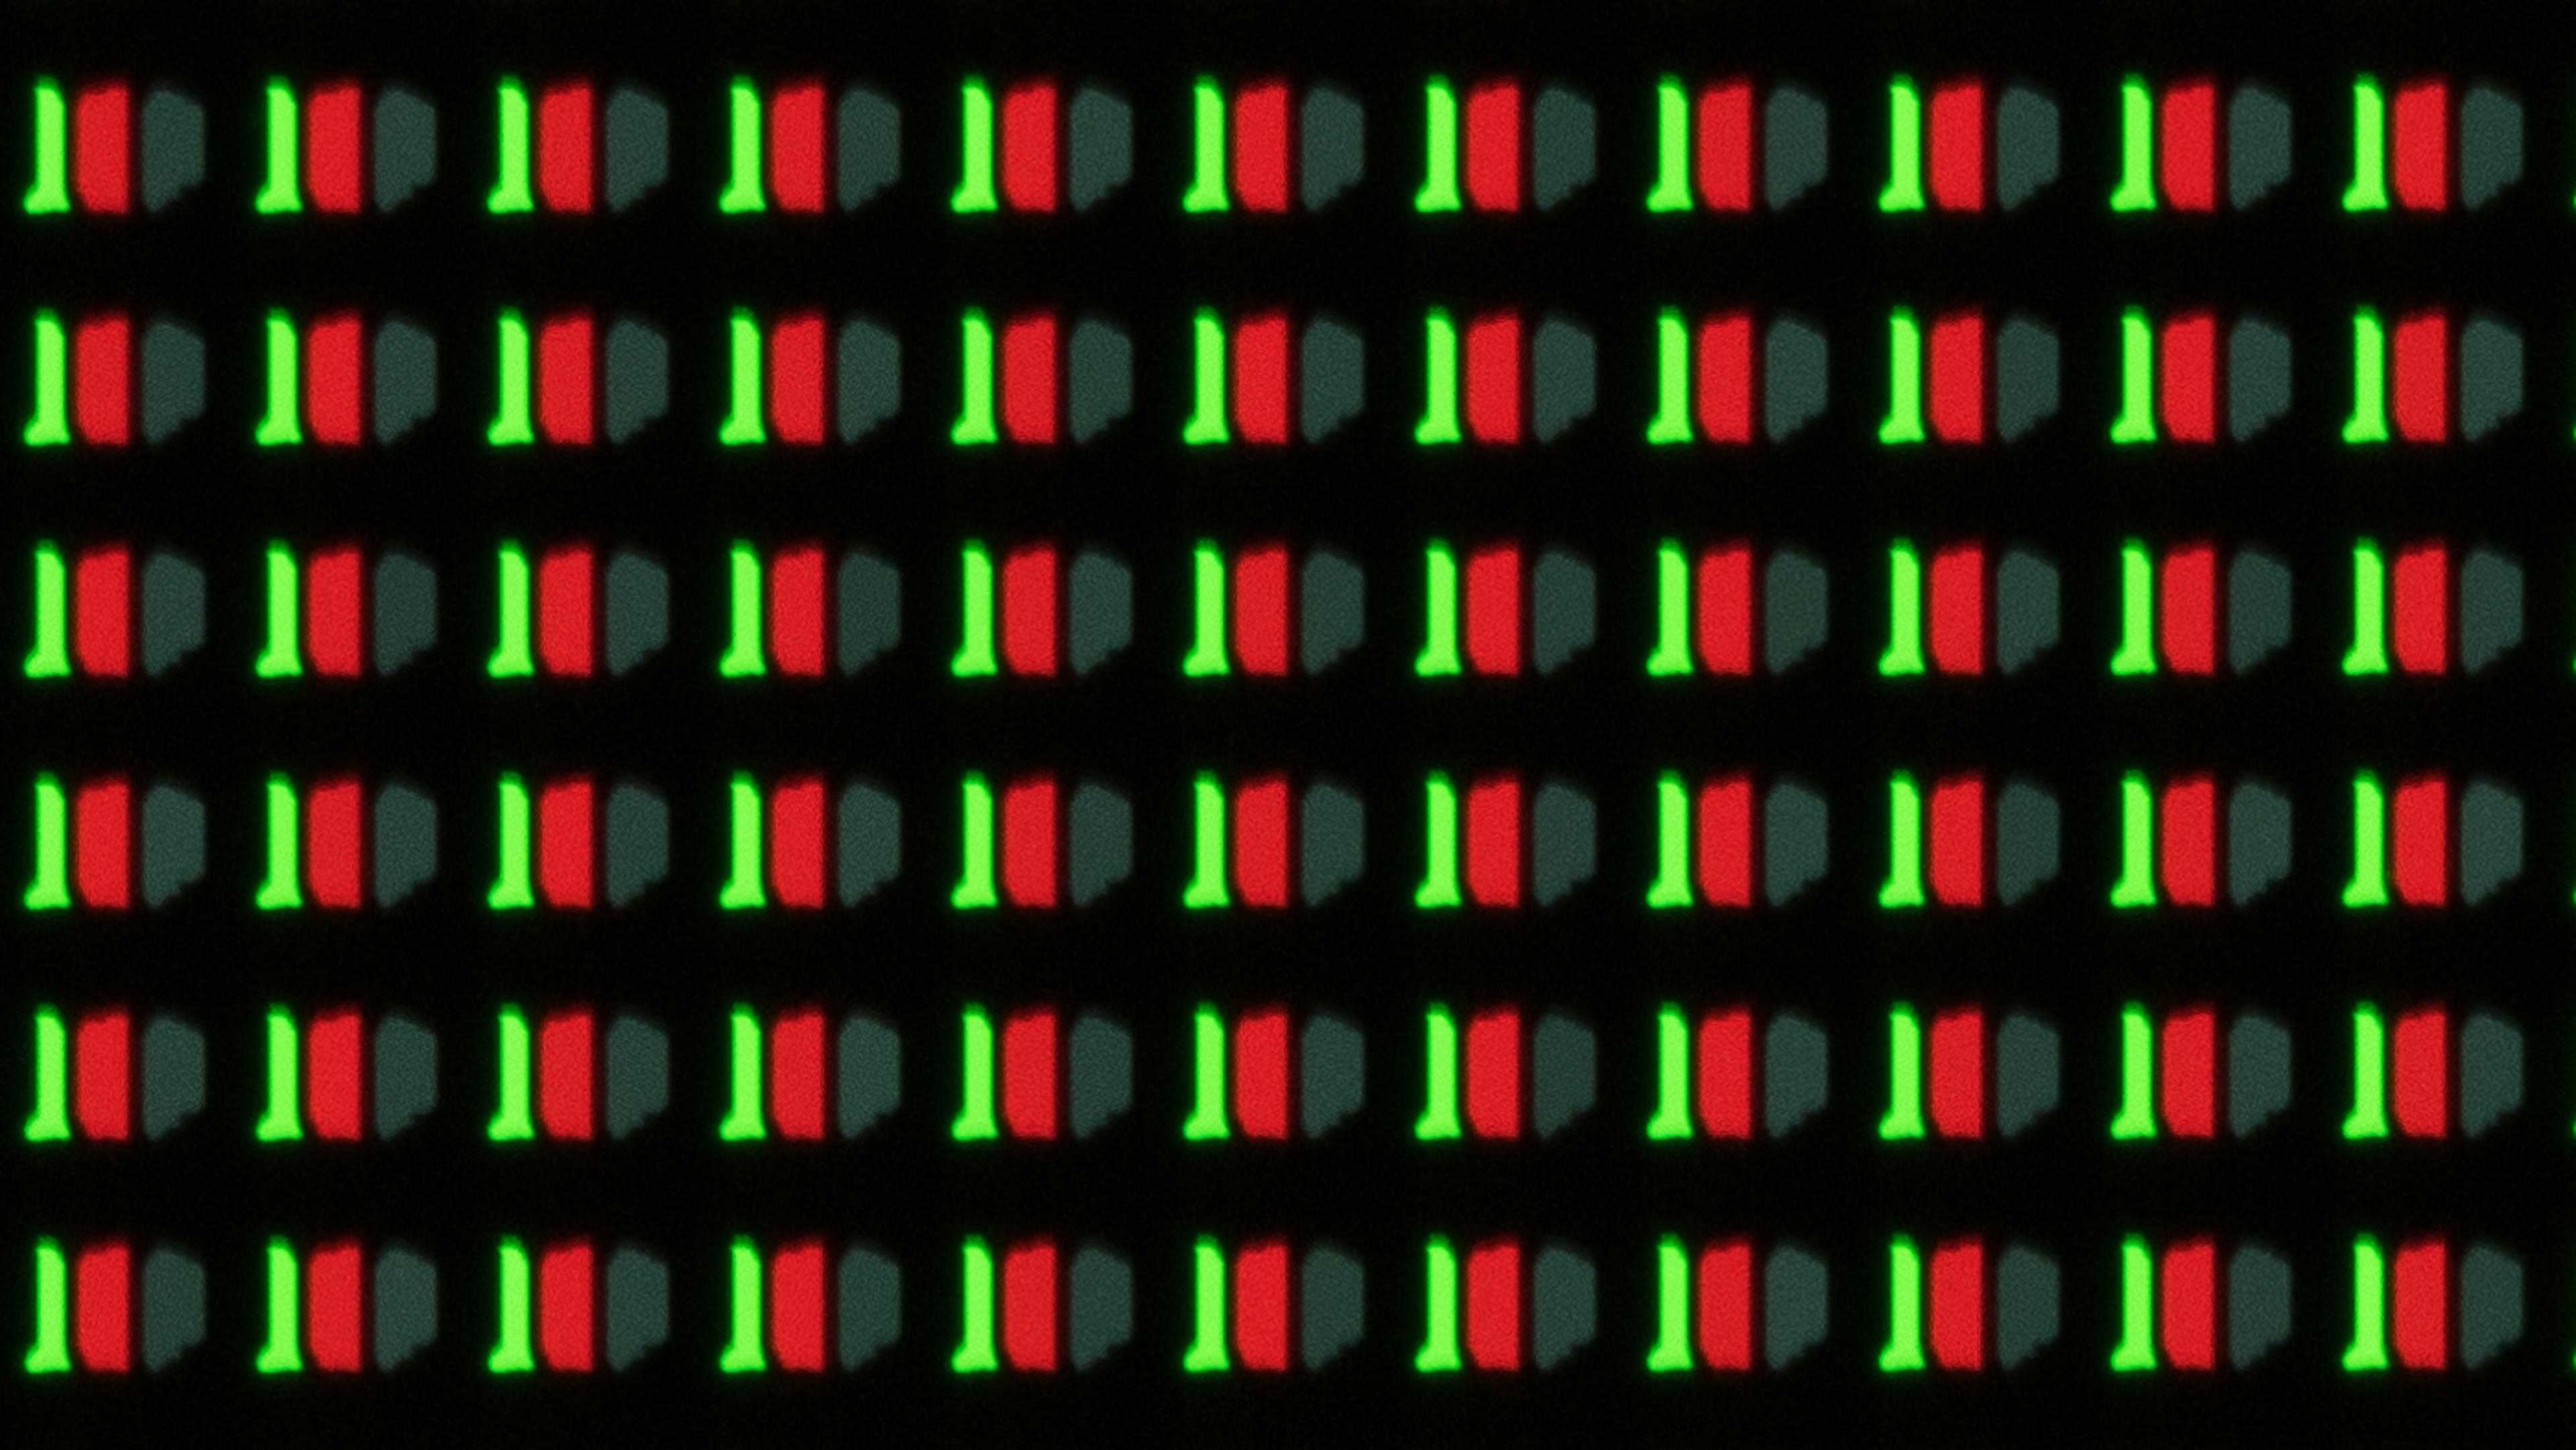 pixels-alt-large.jpg